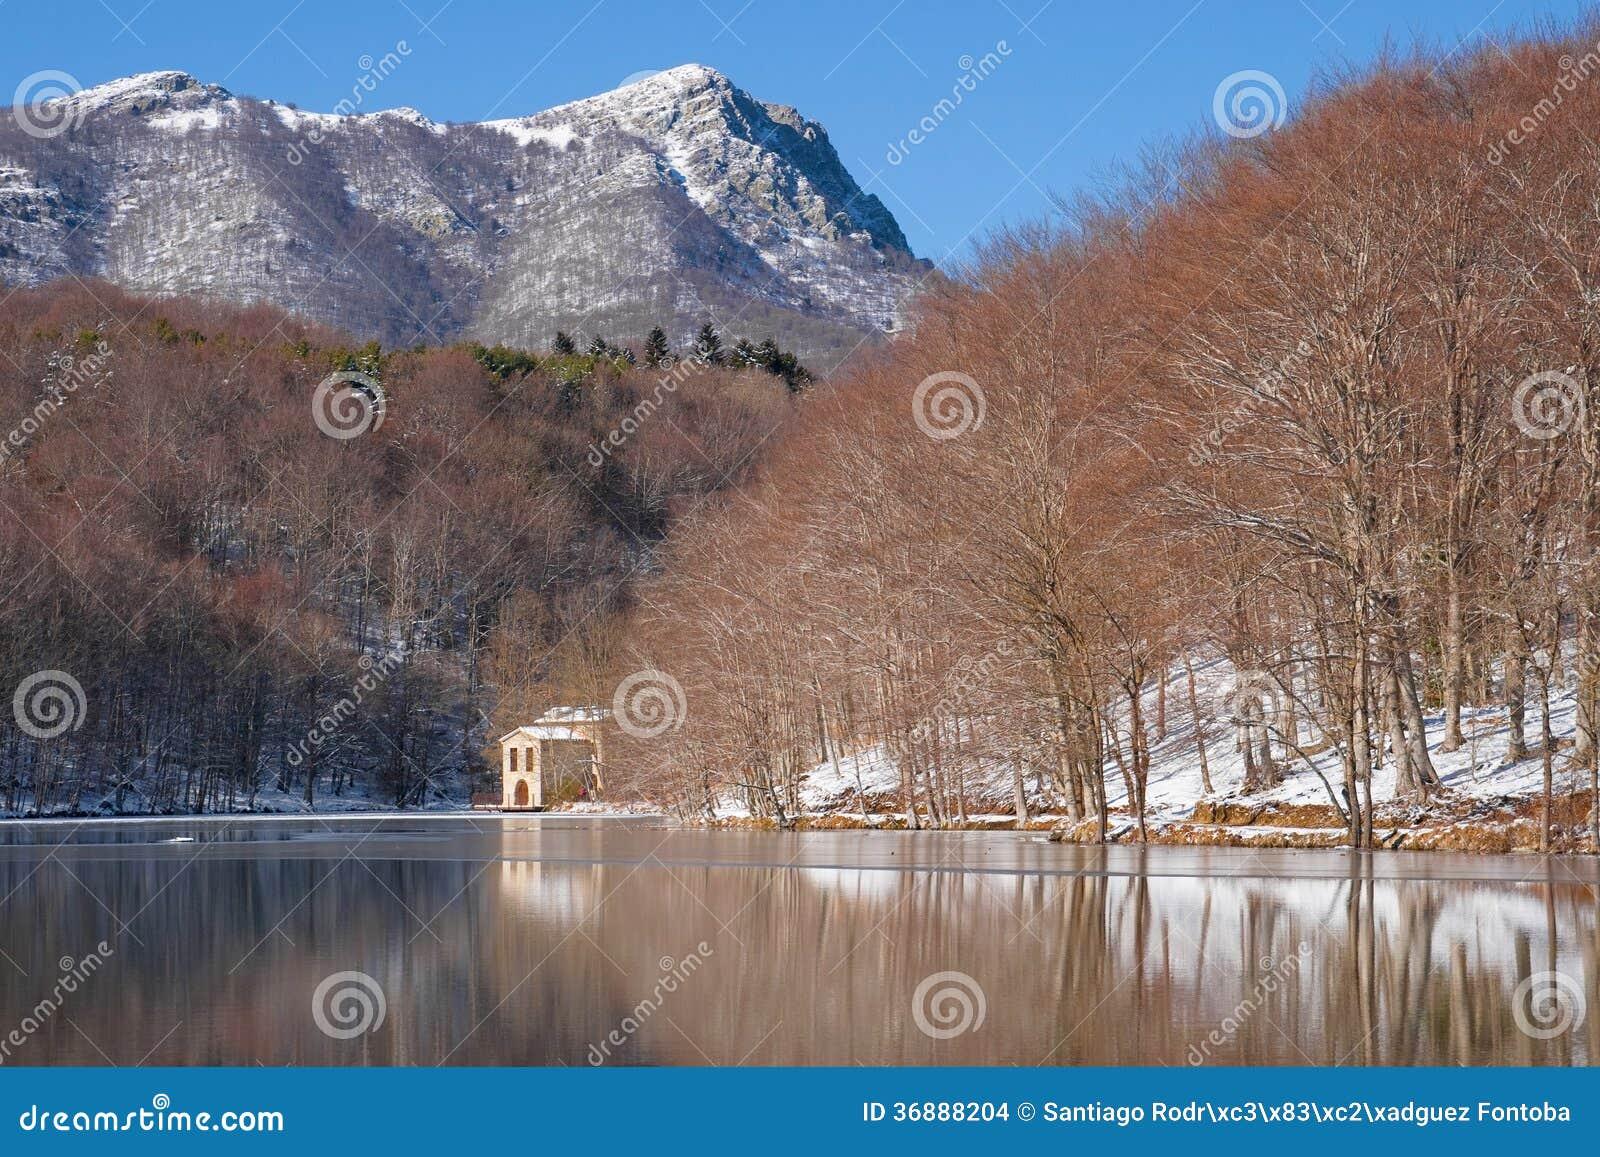 Download Lago Santa Fe fotografia stock. Immagine di riflesso - 36888204